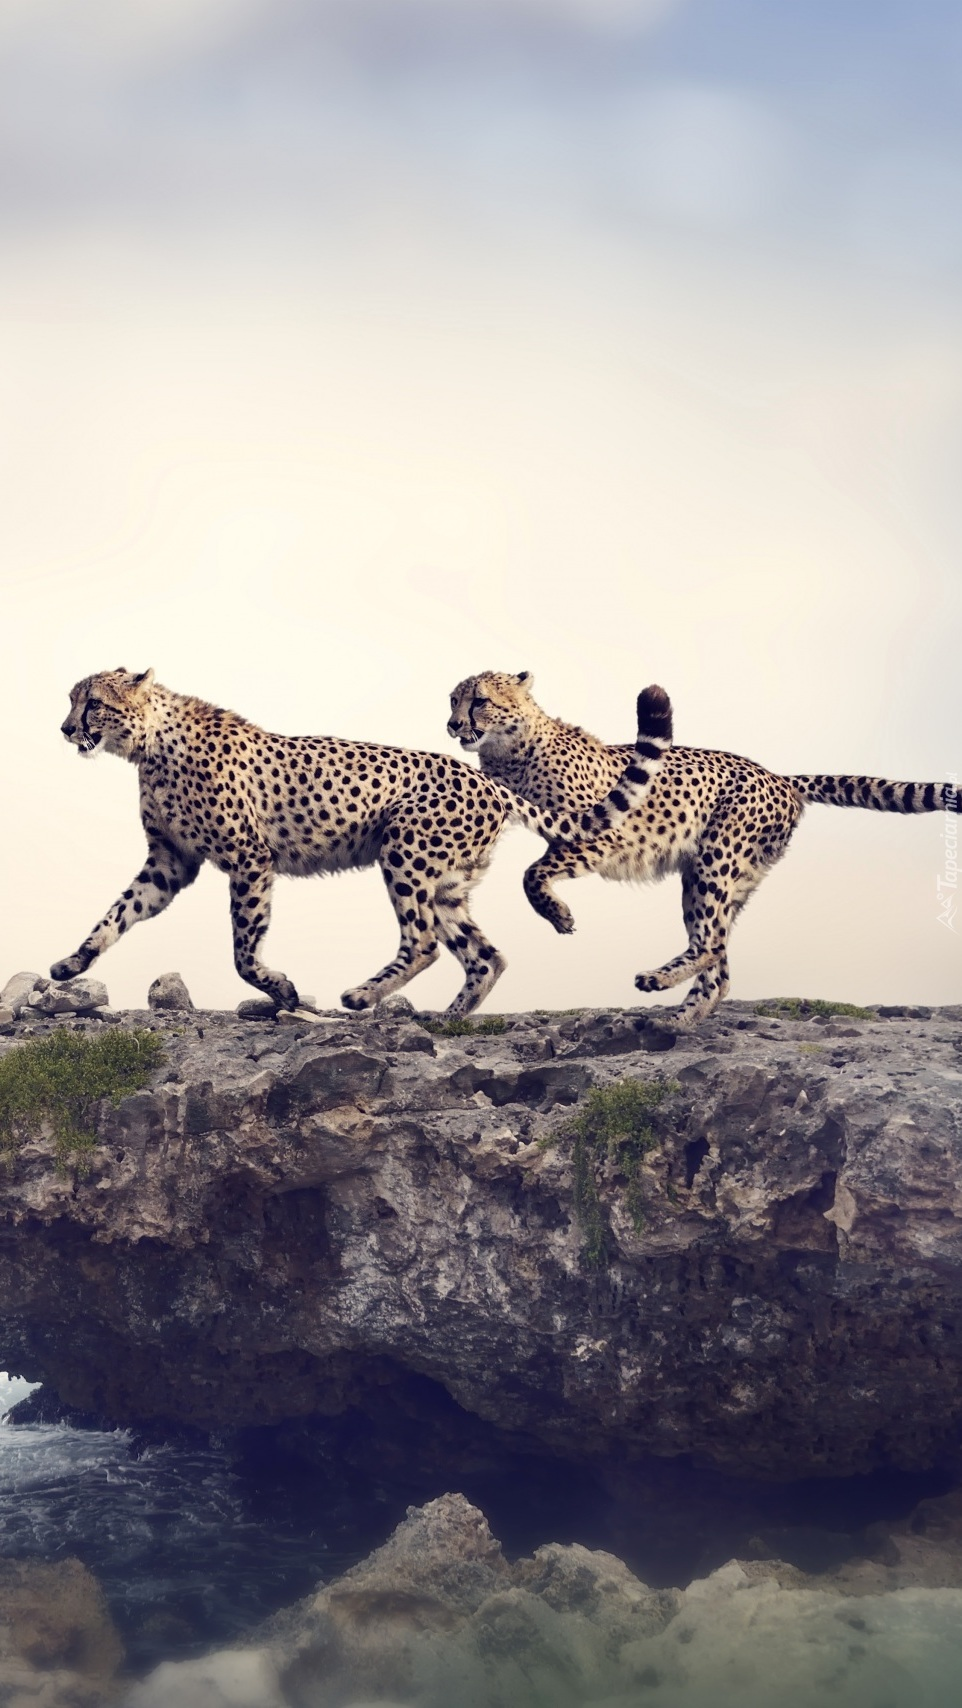 Bieg gepardów